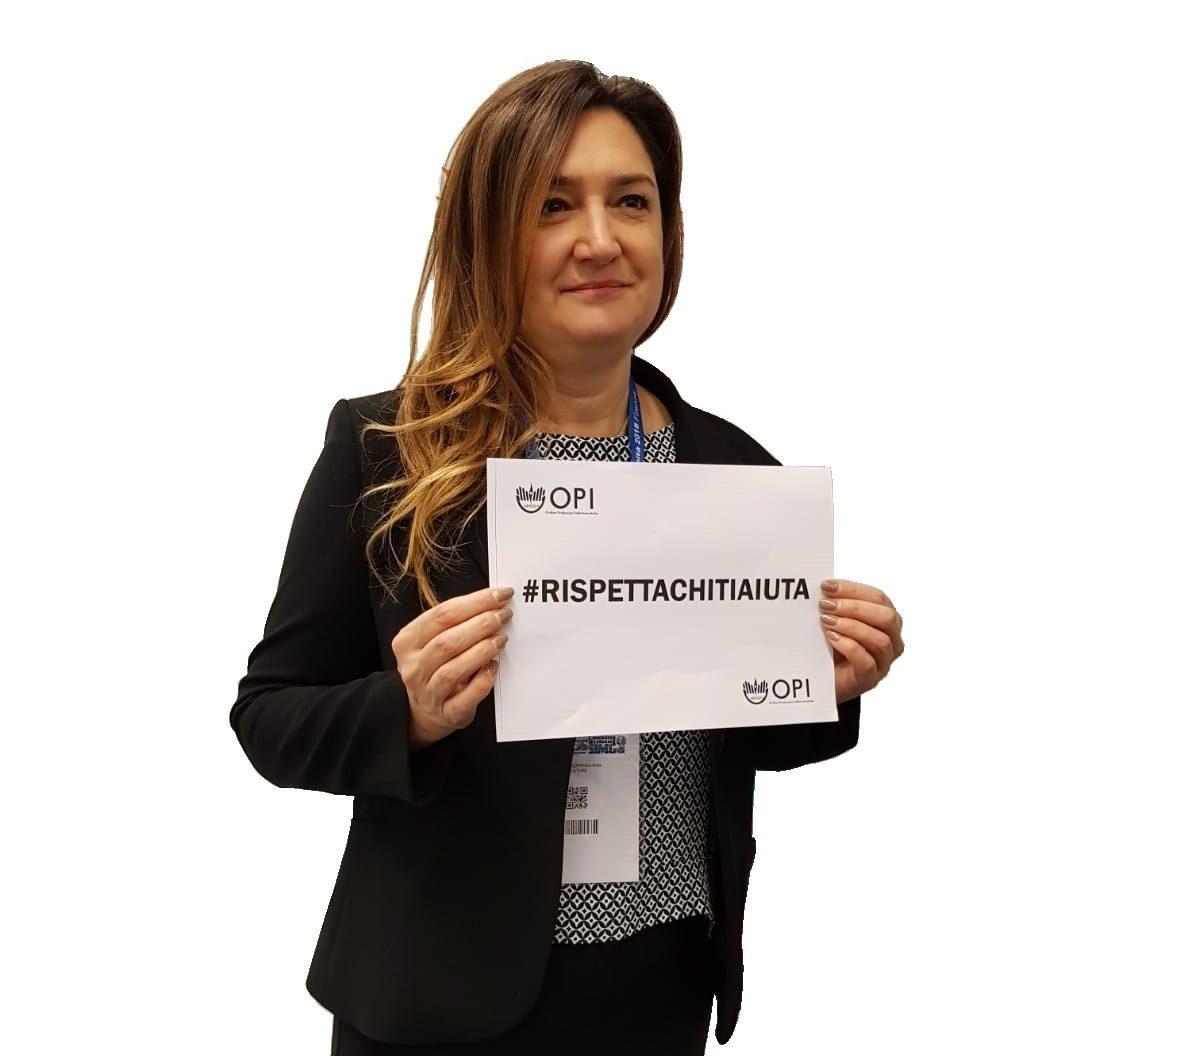 Grande successo per l'hashtag lanciata dagli infermieri di Arezzo #RispettaChiTiAiuta 1